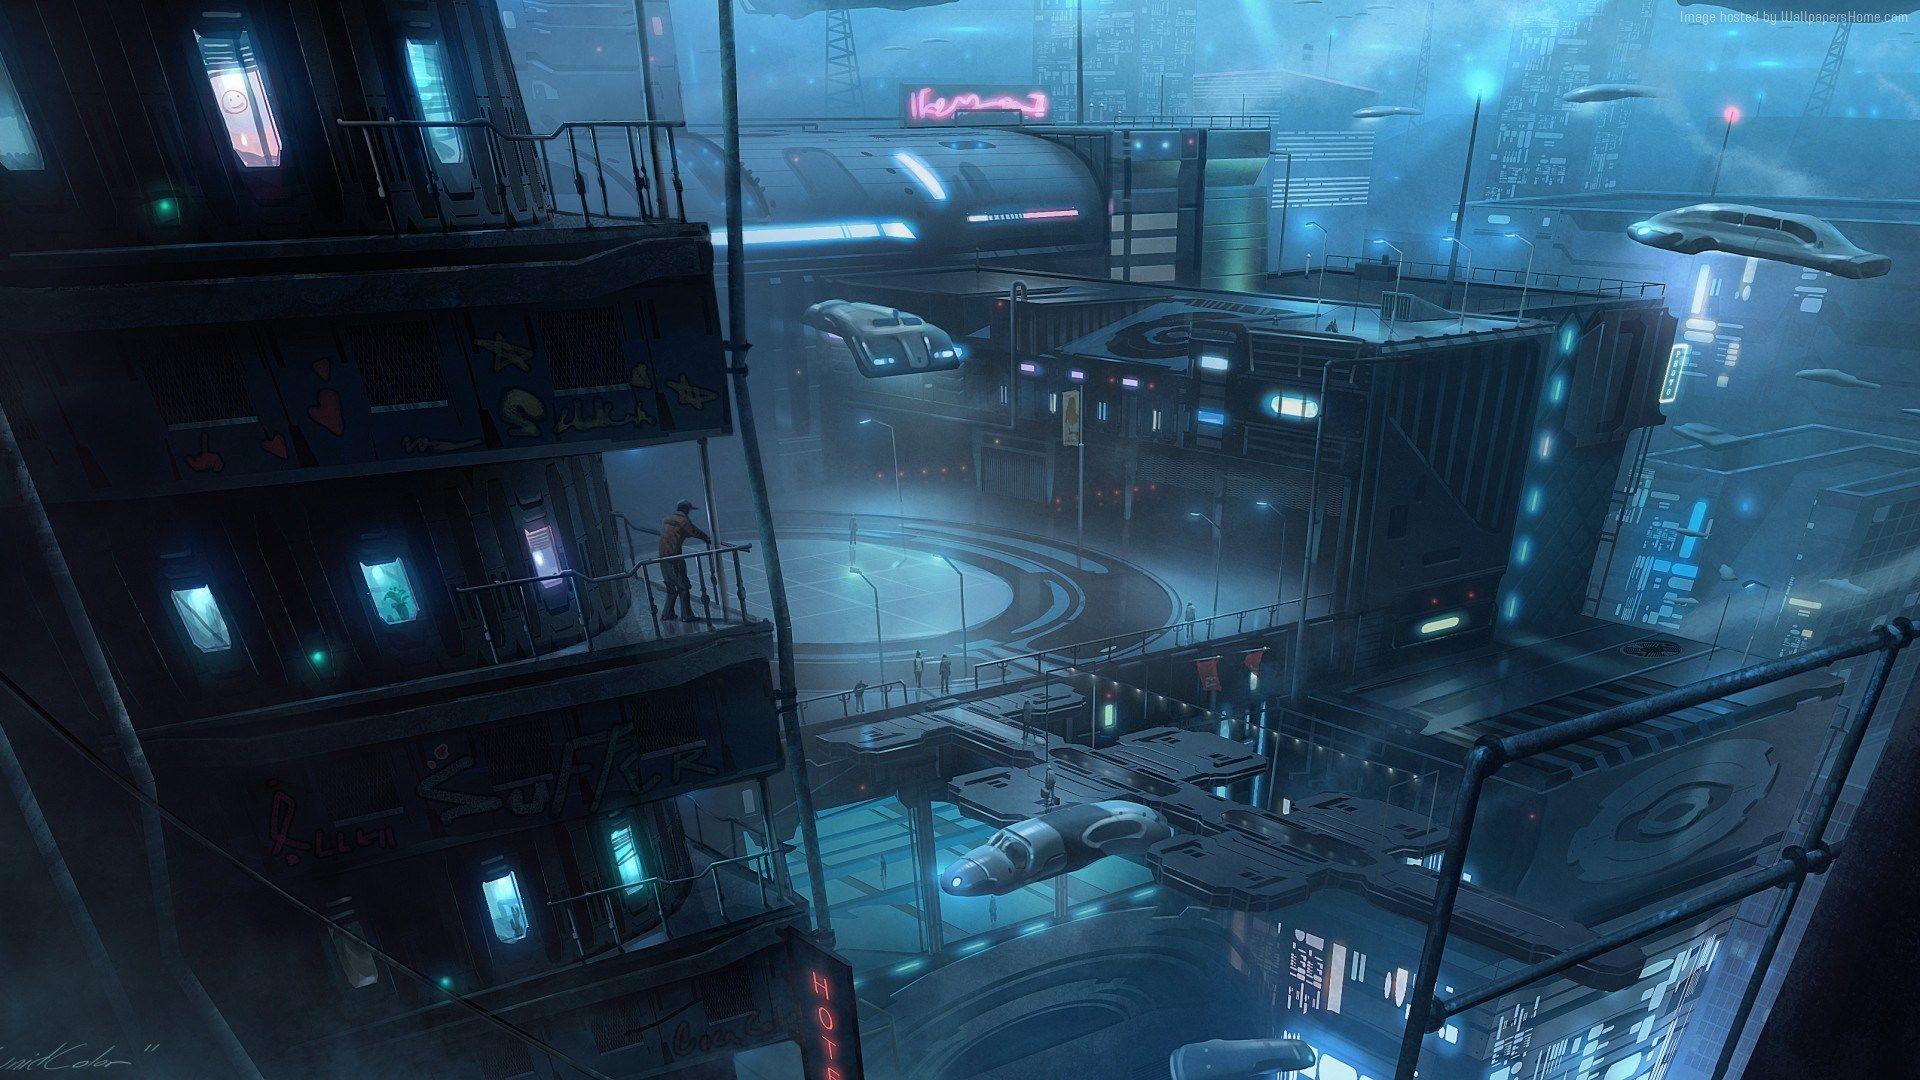 Shadowrun Hong Kong Wallpaper Art Futuristic City Cyberpunk City Underground Cities